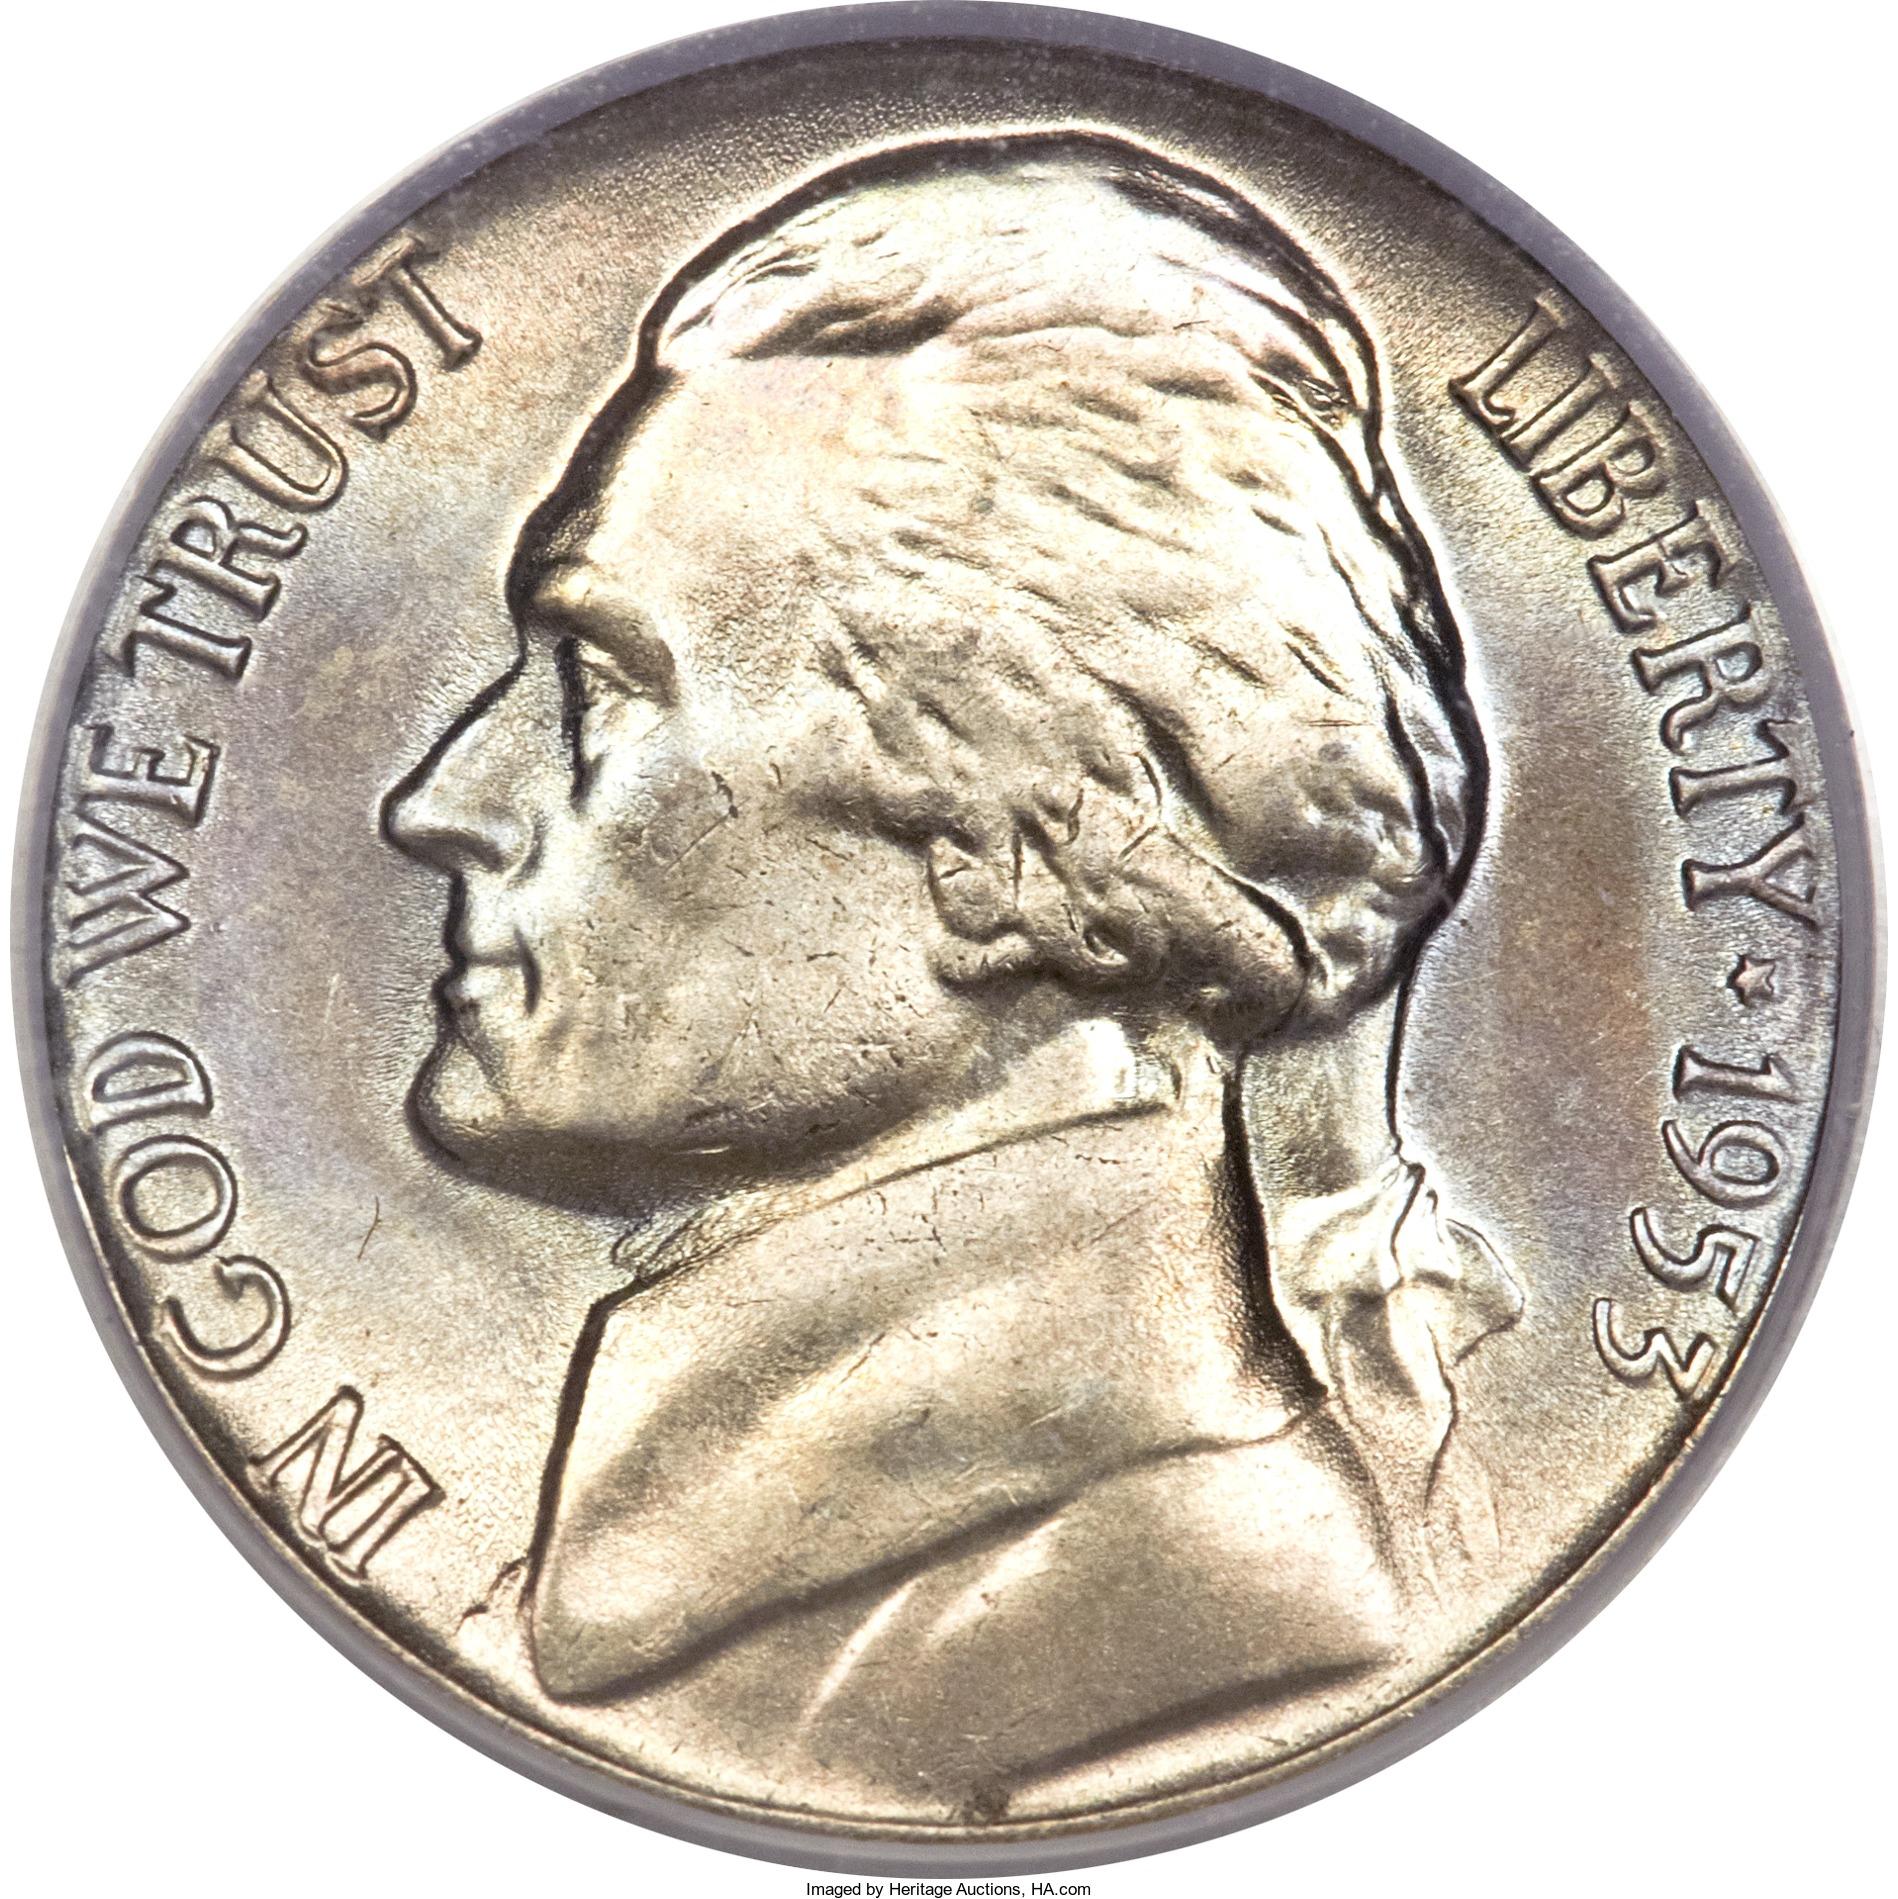 1953 Jefferson Nickel Value - CoinHELP